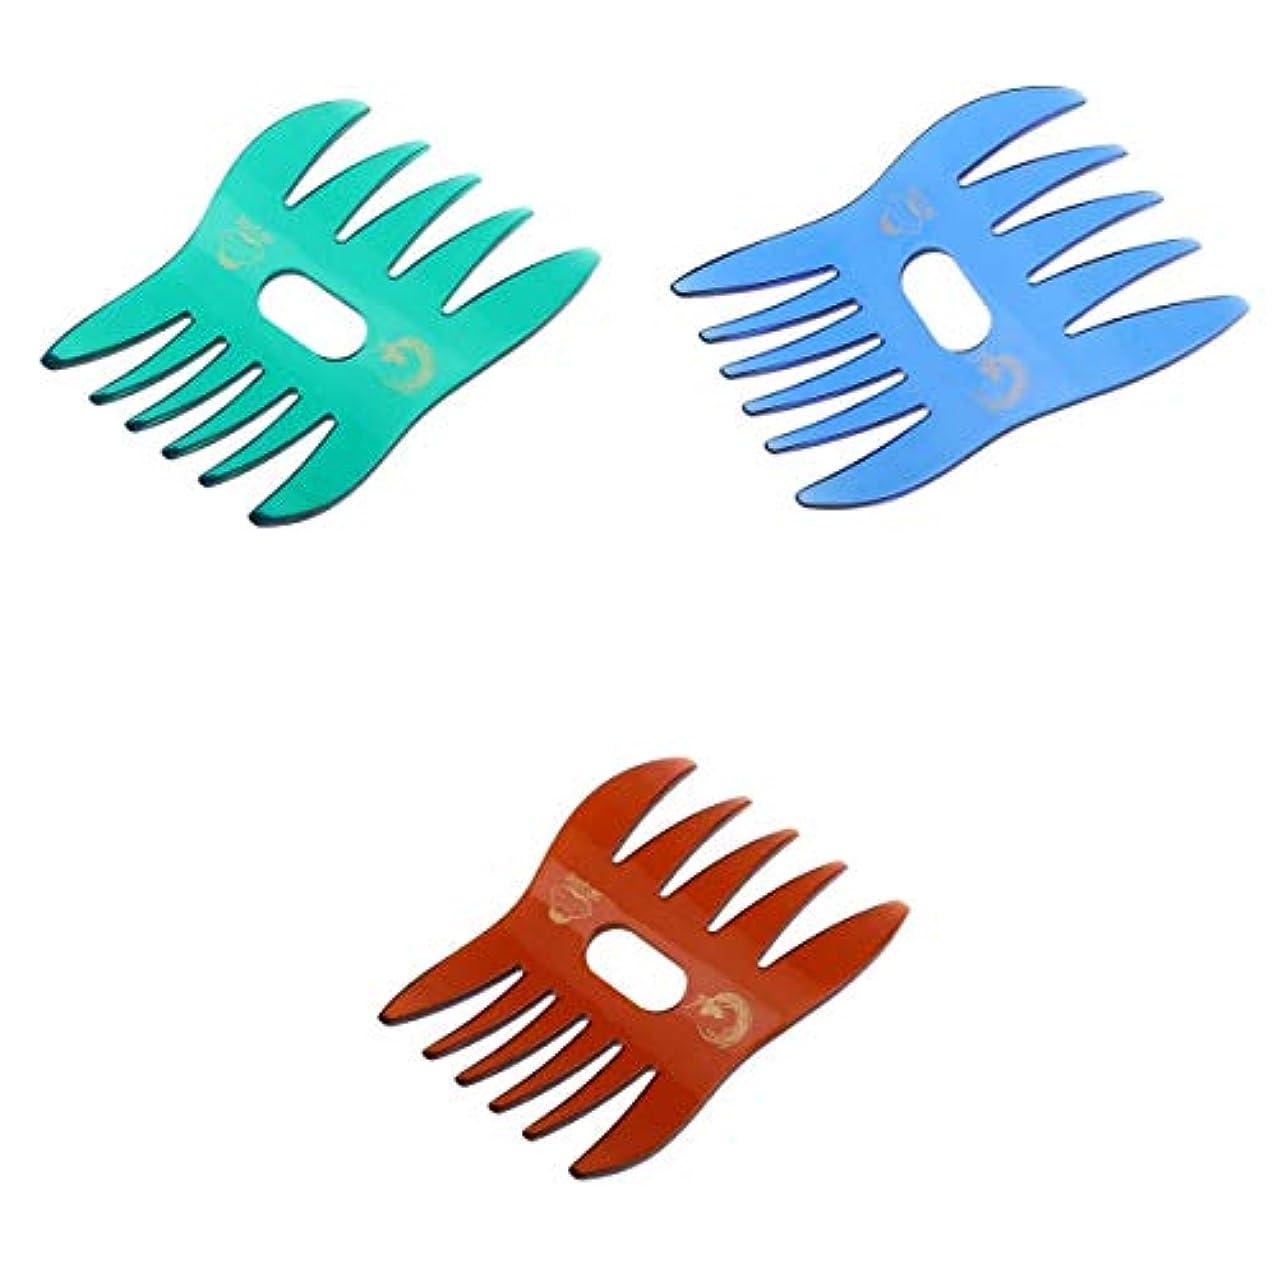 ためにダッシュ散る櫛 ヘアコーム コーム ヘア櫛 静電気防止 粗歯 頭皮マッサージ オイルヘアスタイル